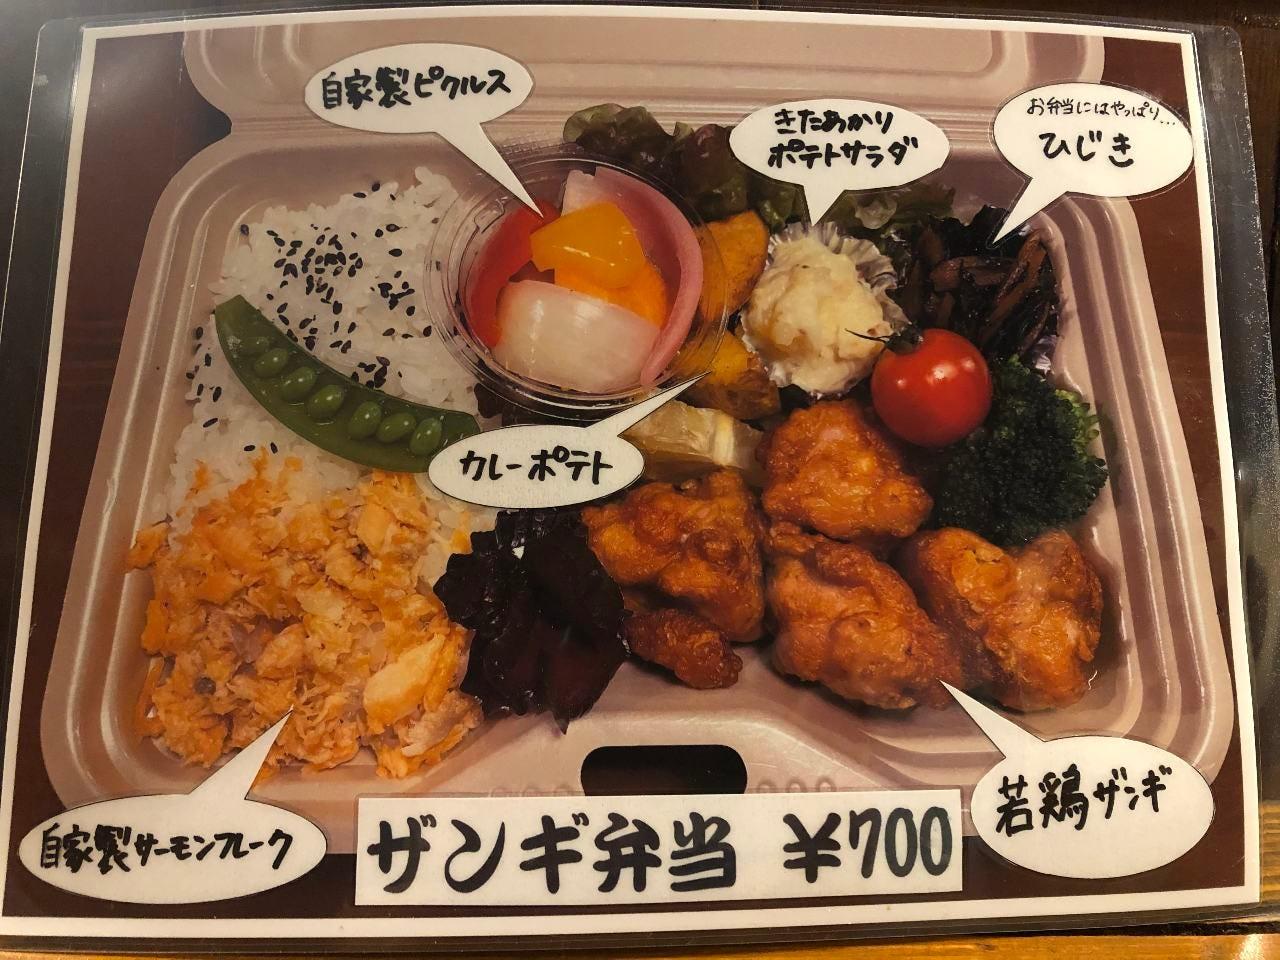 ザンギ弁当(鷄唐揚げ)756円 大きめの唐揚げがどっさりと♪